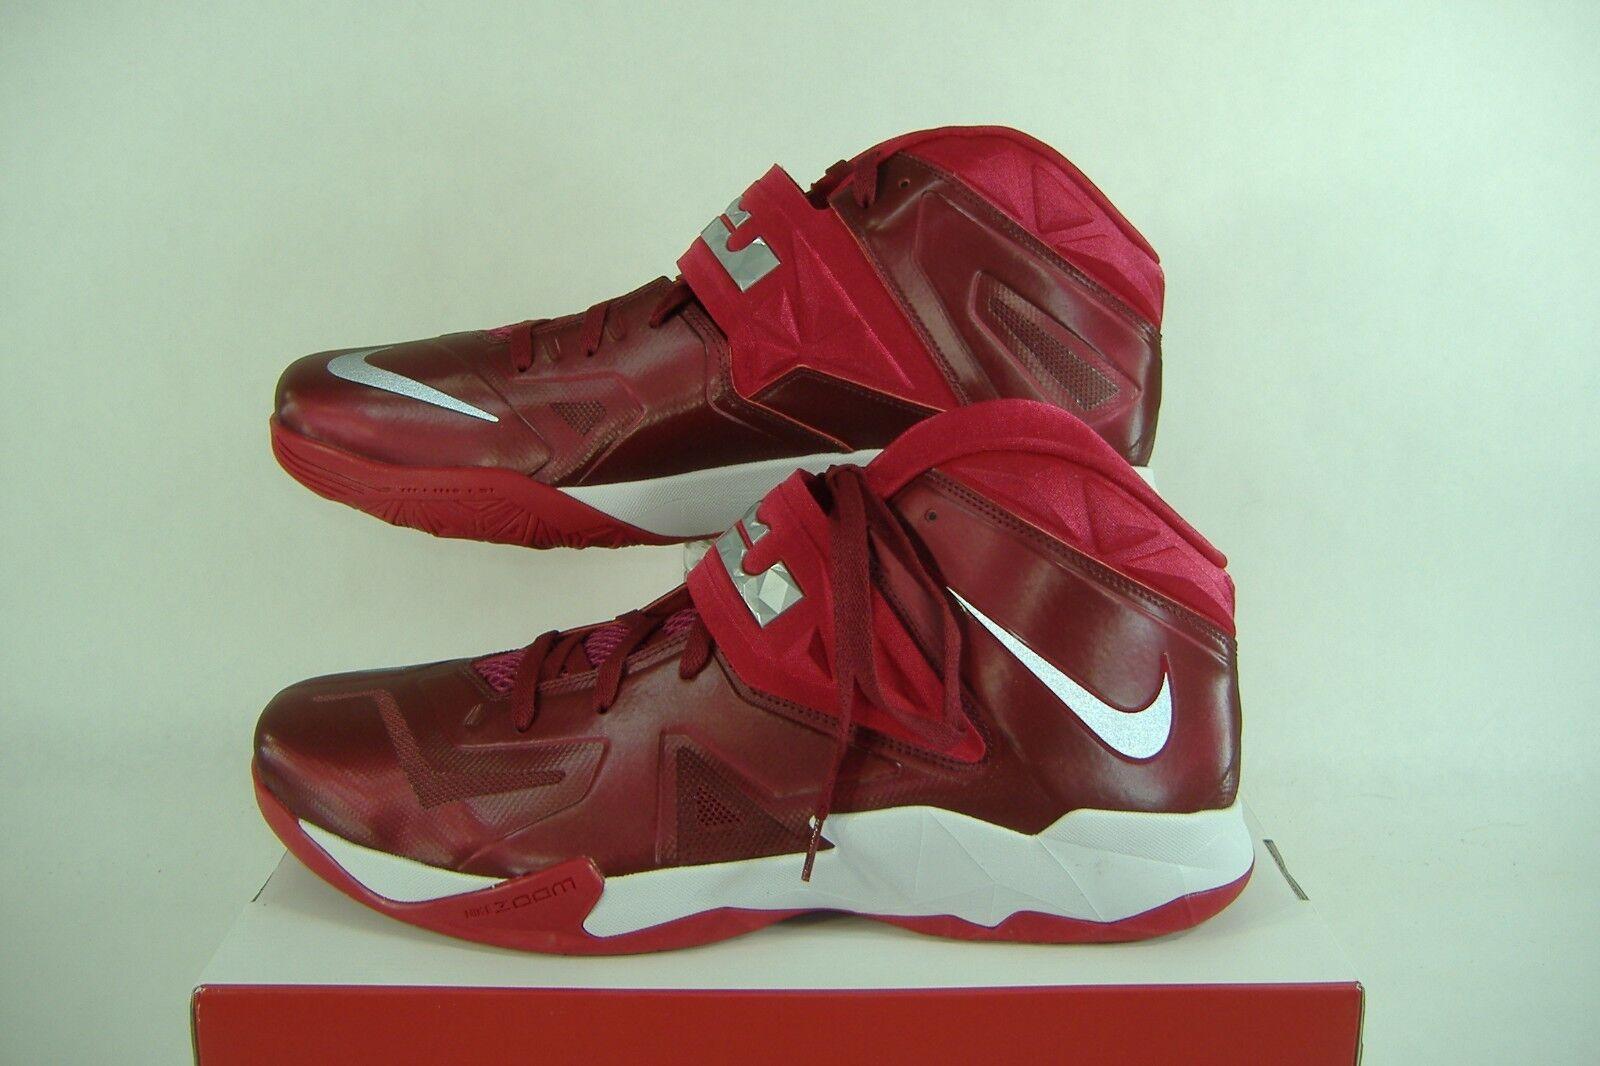 Uomo 18 nike zoom soldato vii lebron rosso e alte scarpe da basket 599263 145